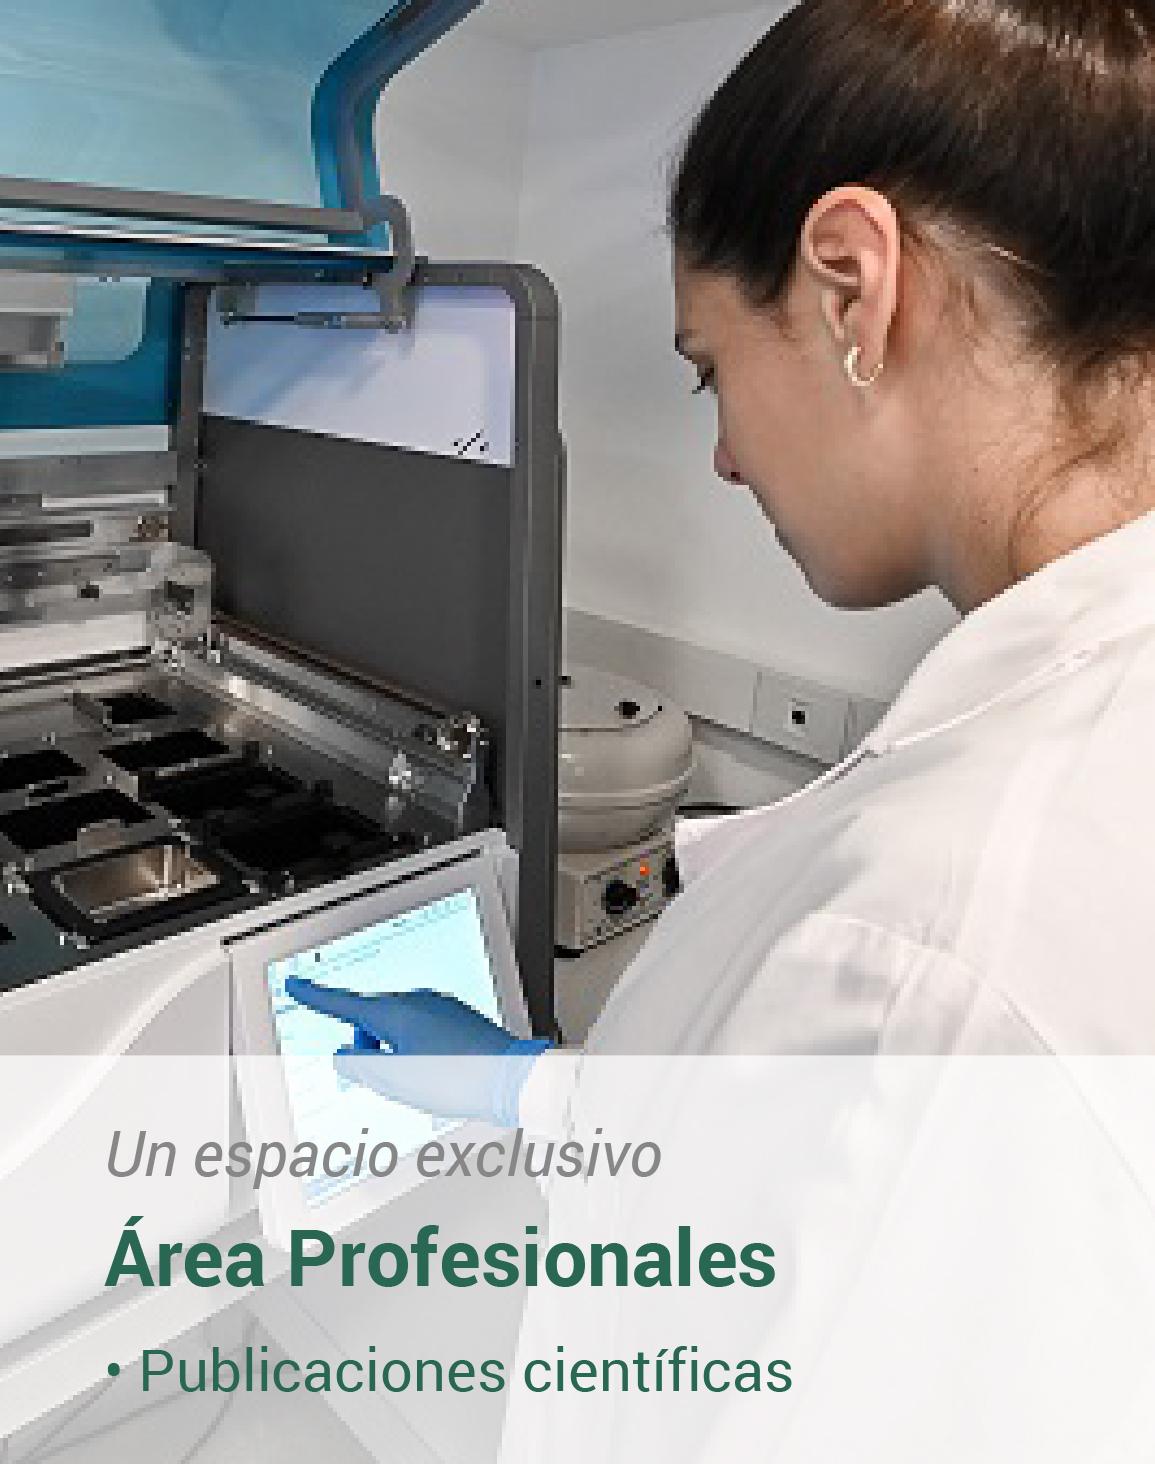 Área Profesionales